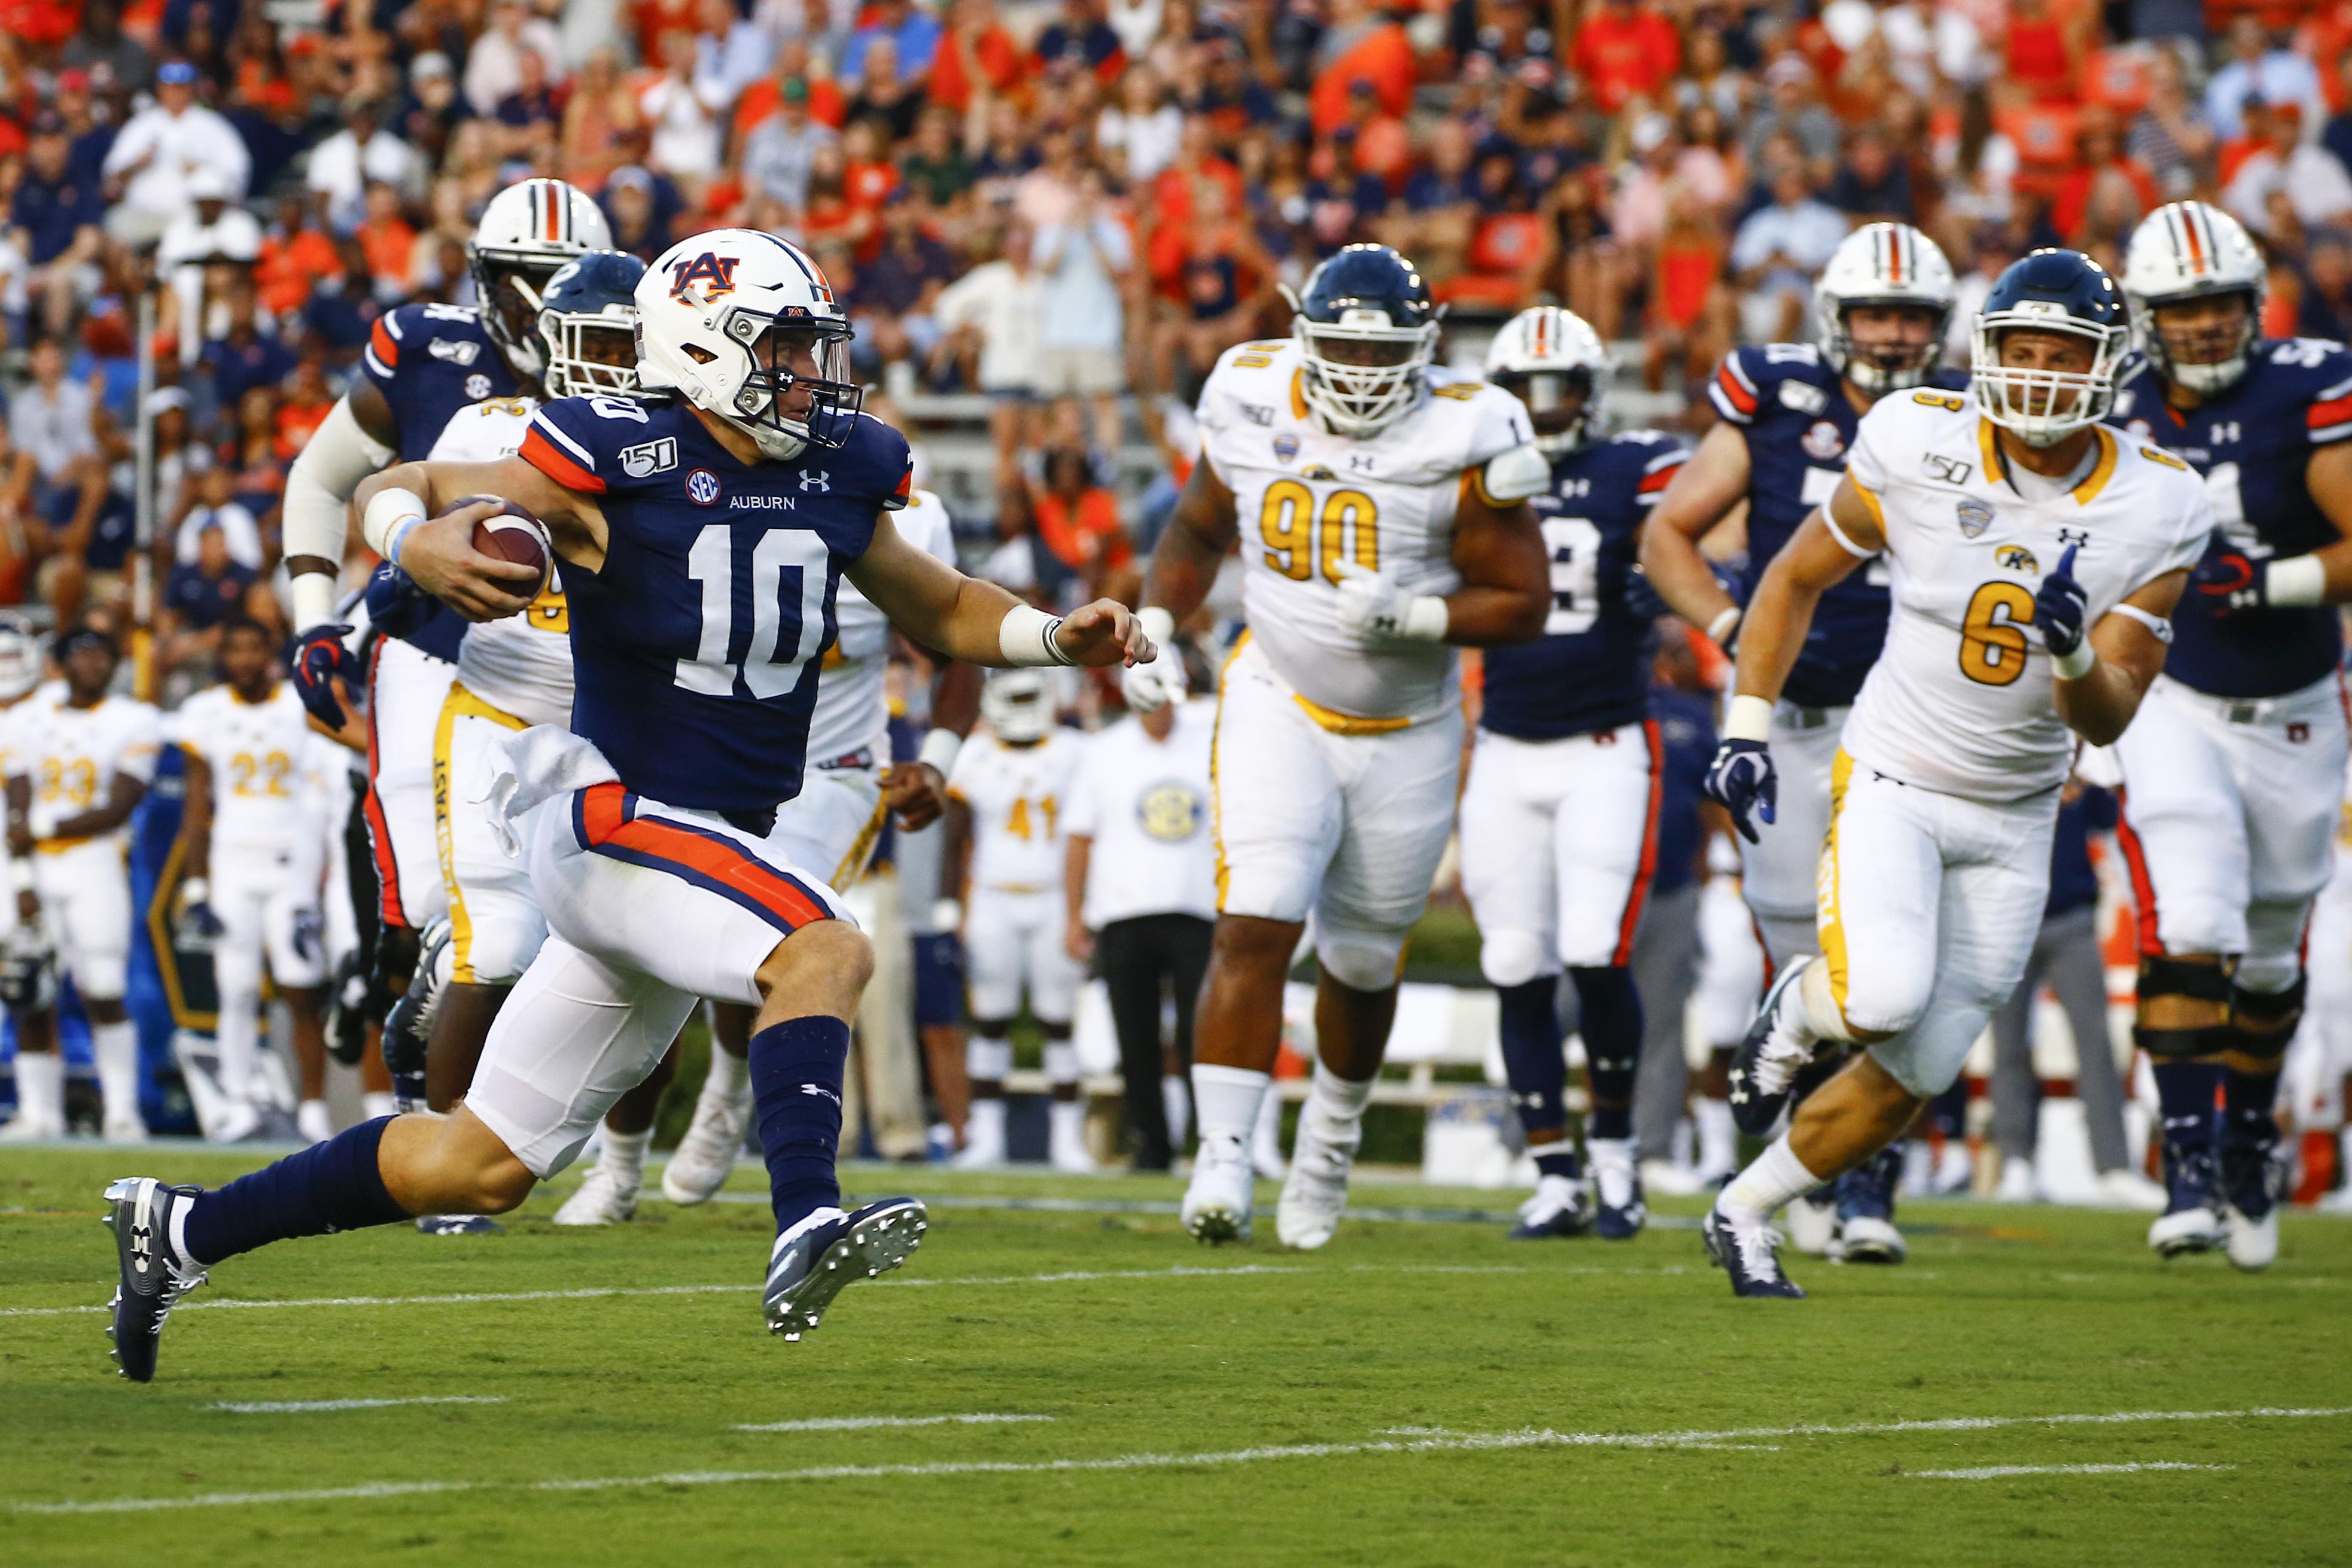 No. 8 Auburn faces big road test at No. 17 Texas A&M